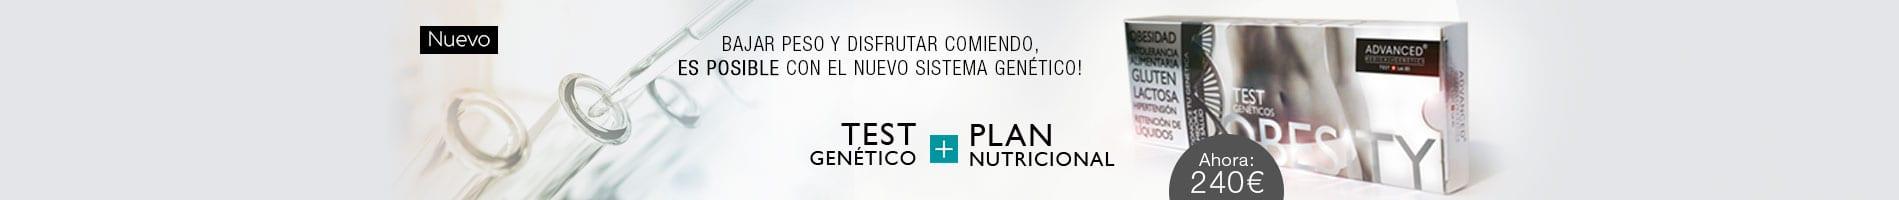 banner nutricion obesidad Obesidad